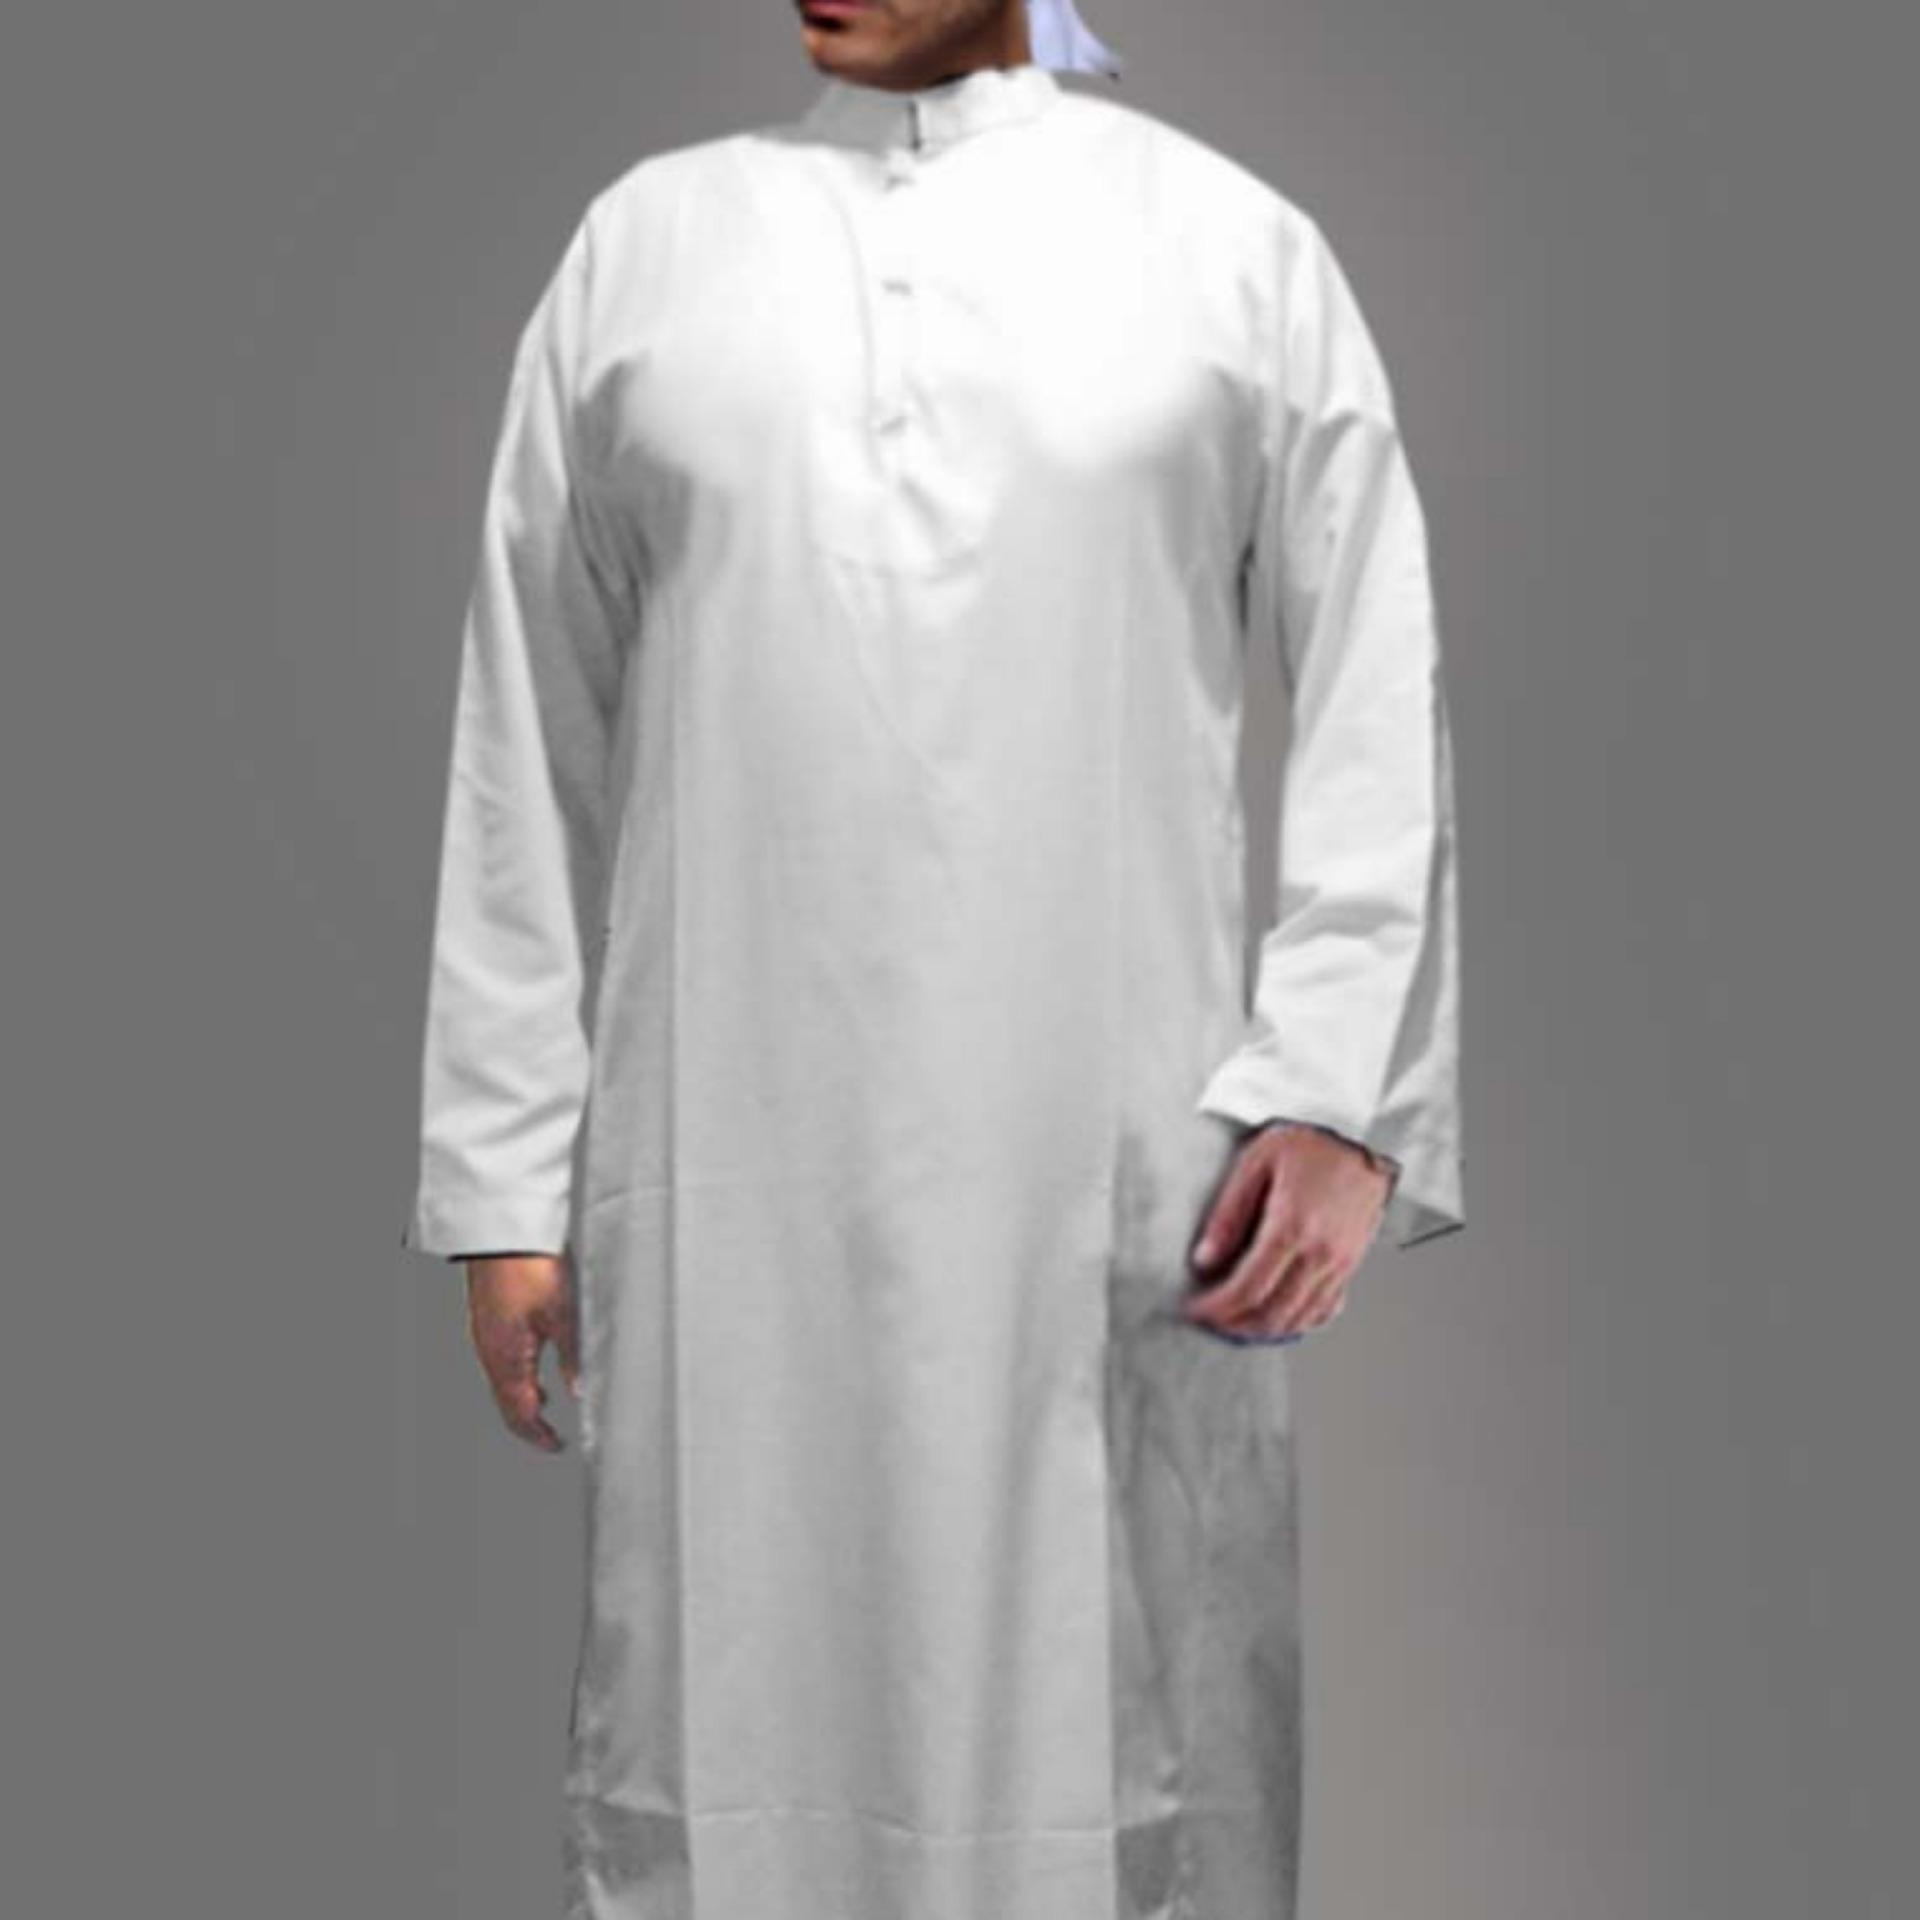 Harga Terbaru Baju Muslim Pria Arab Desember 2018 Termantap Jl